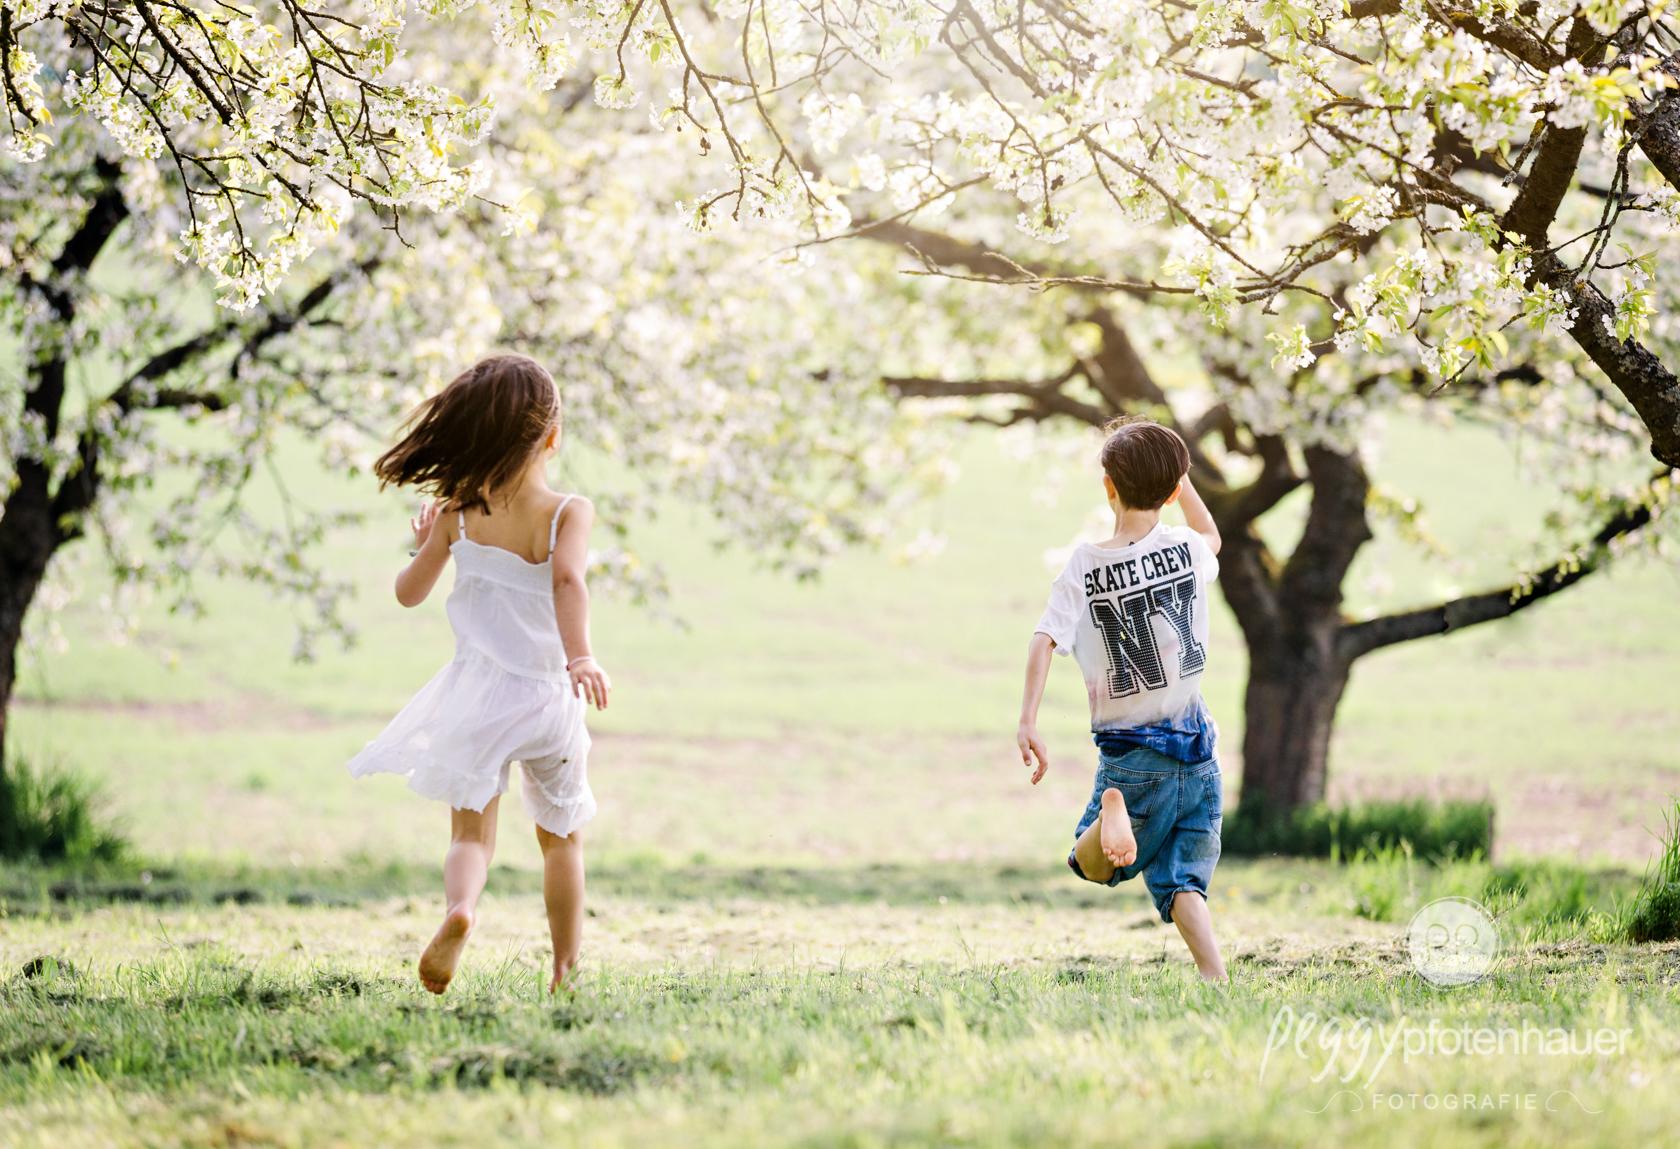 Fotoshooting im Frühling